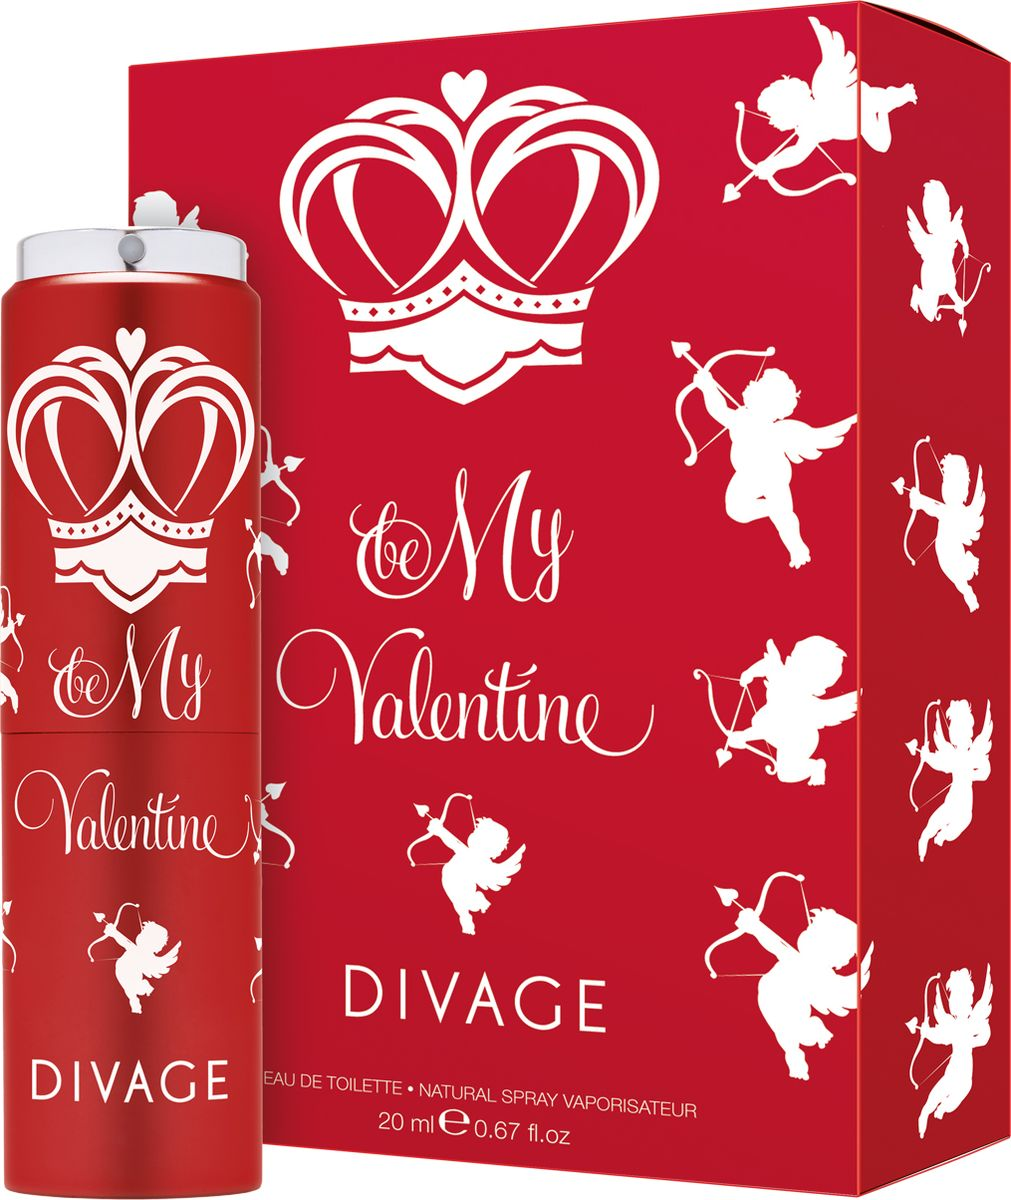 Divage Туалетная Вода Be my valentine 20 мл1301028Самая прекрасная история любви, воплощена в этом чувственном, цветочно-древесном аромате. Пленительный гальбанум, зеленый шипр, сладкий бархатный персик, роскошная и благоухающая белая роза плавно переплетаются с нежным мускусом и чувственным пачули и дарят настоящее романтическое настроение. Влюбляйся, целуй, будь невероятно женственной, обольстительной и привлекательной!